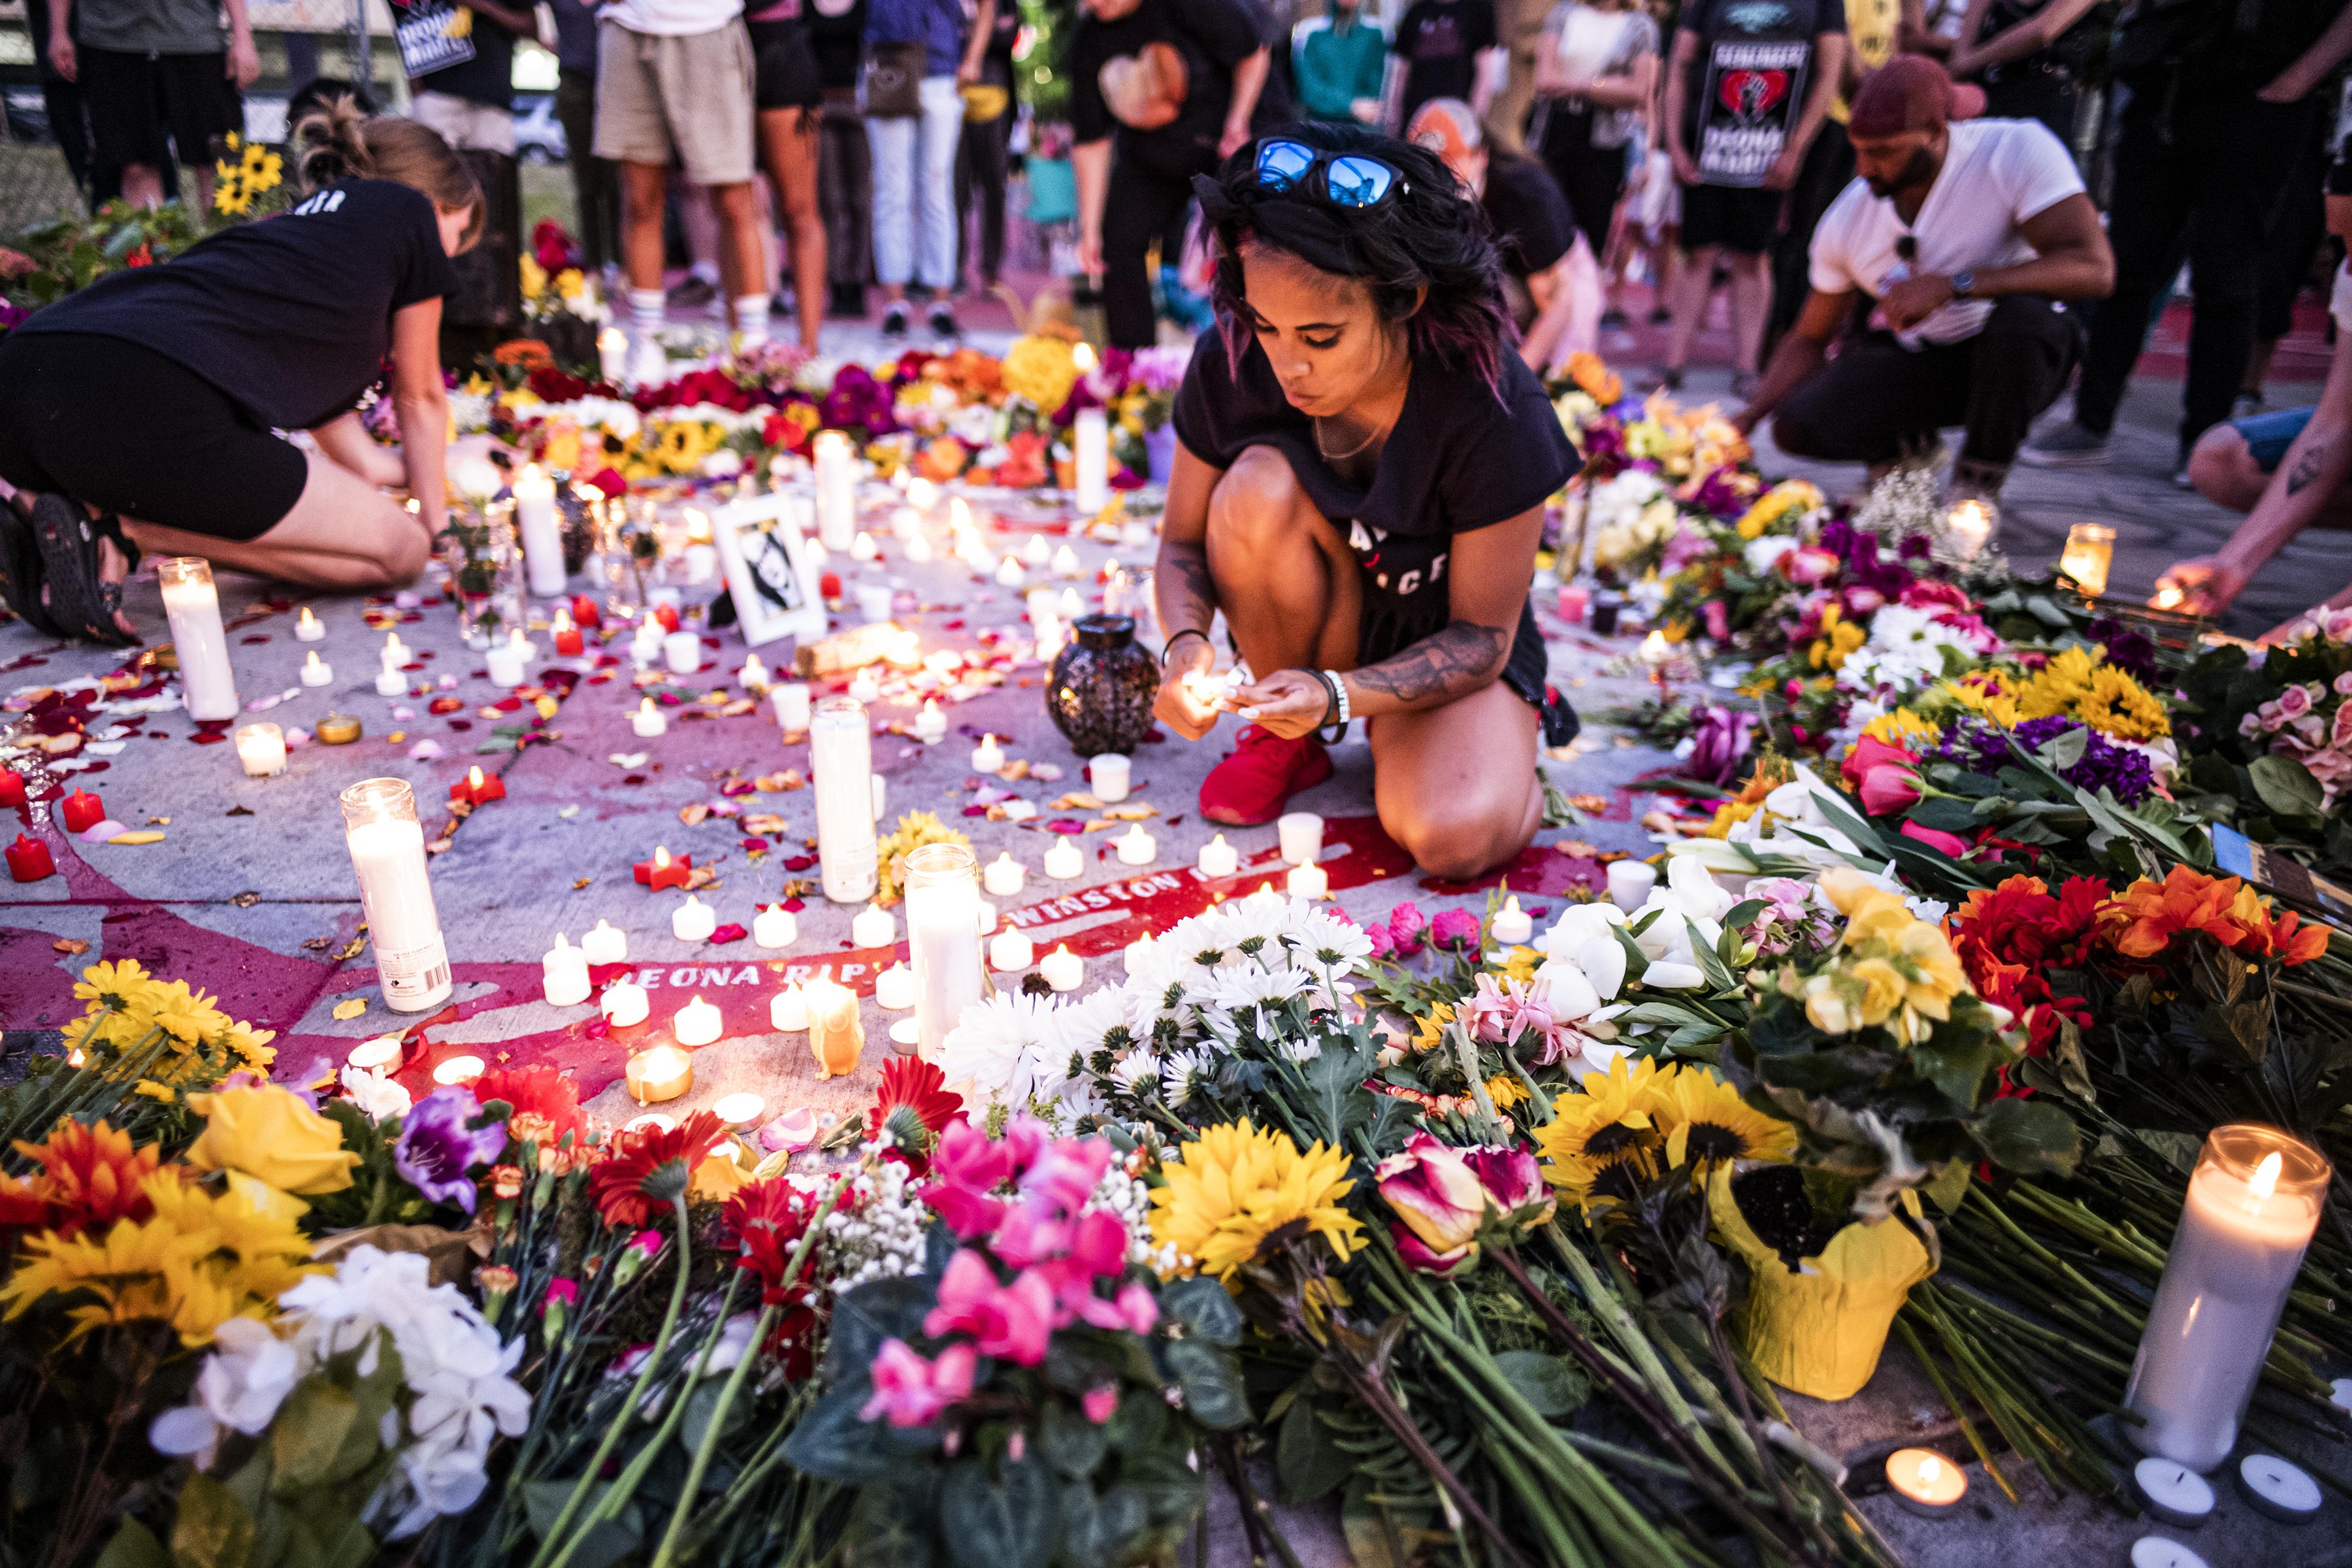 Vigil for Deona M. Knajdek